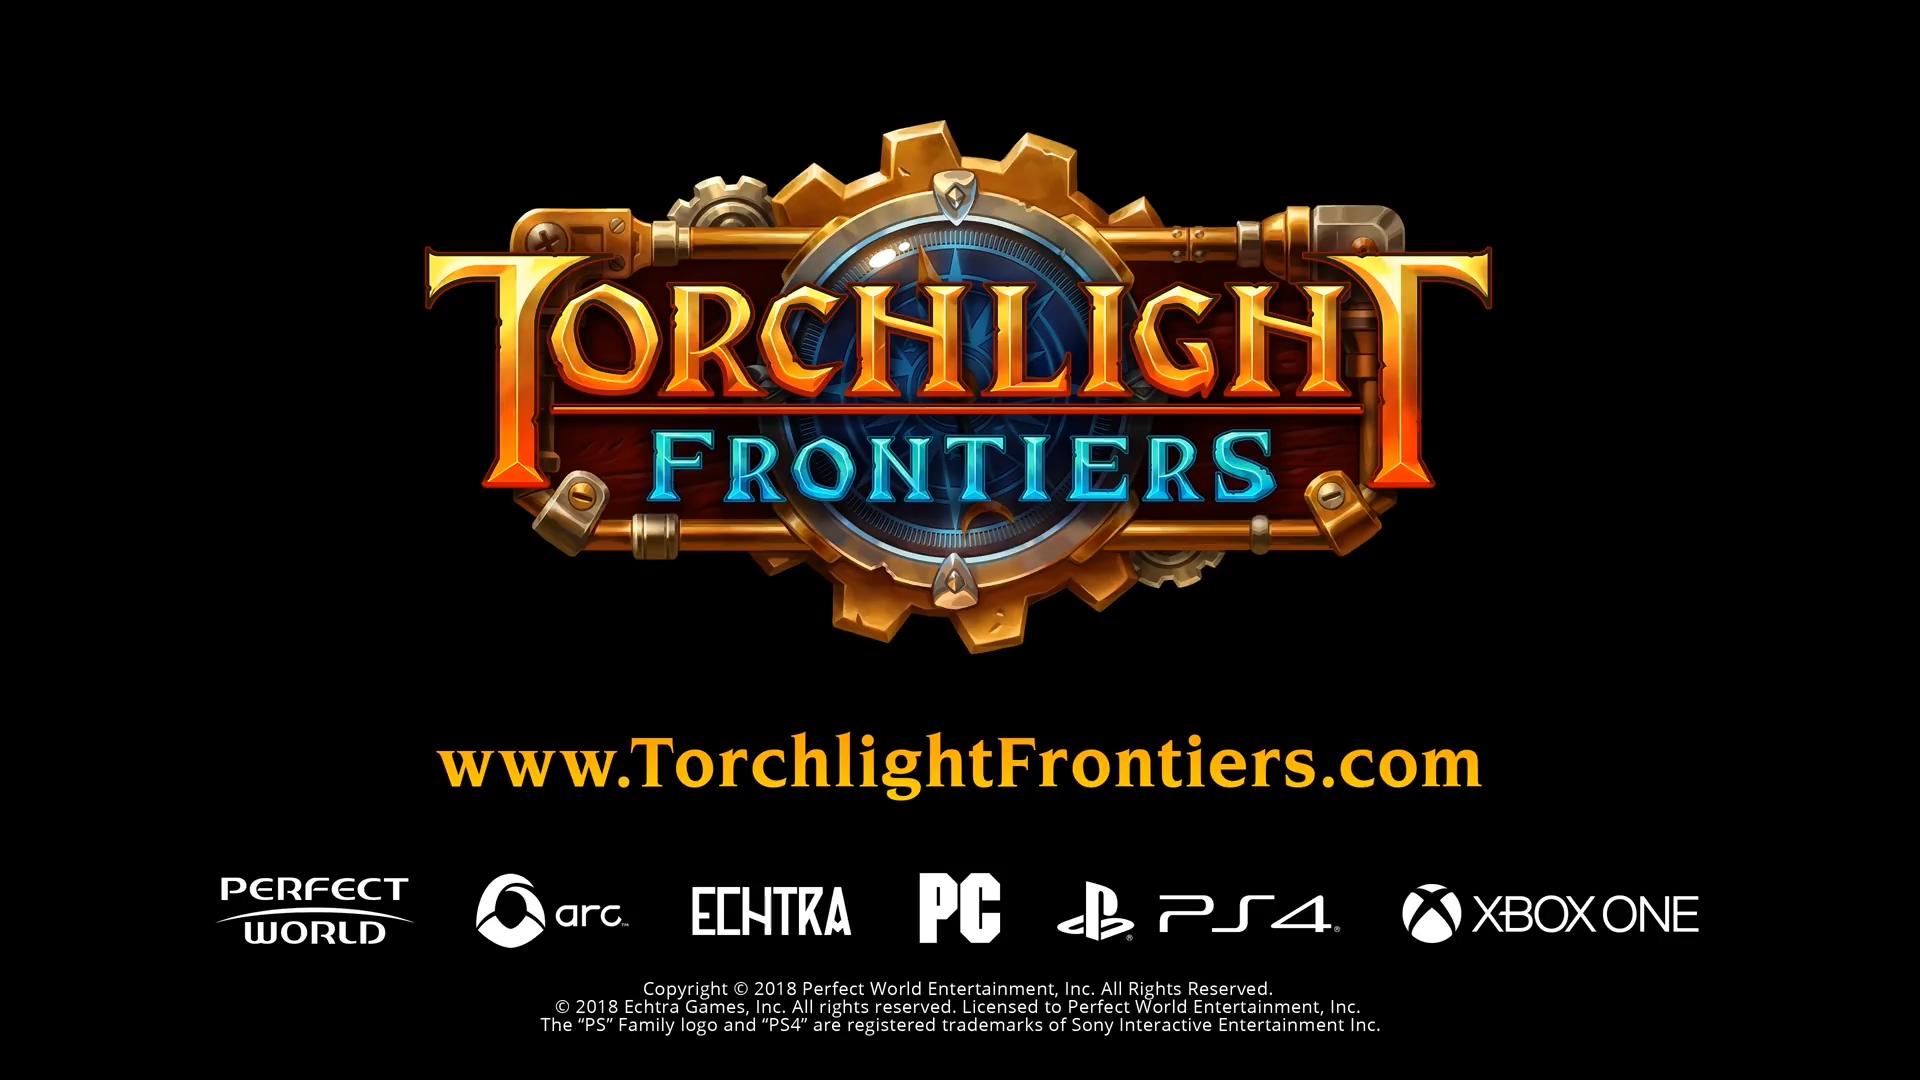 《火炬之光:邊境》公佈 2019年發售登陸PC/PS4和Xbox One